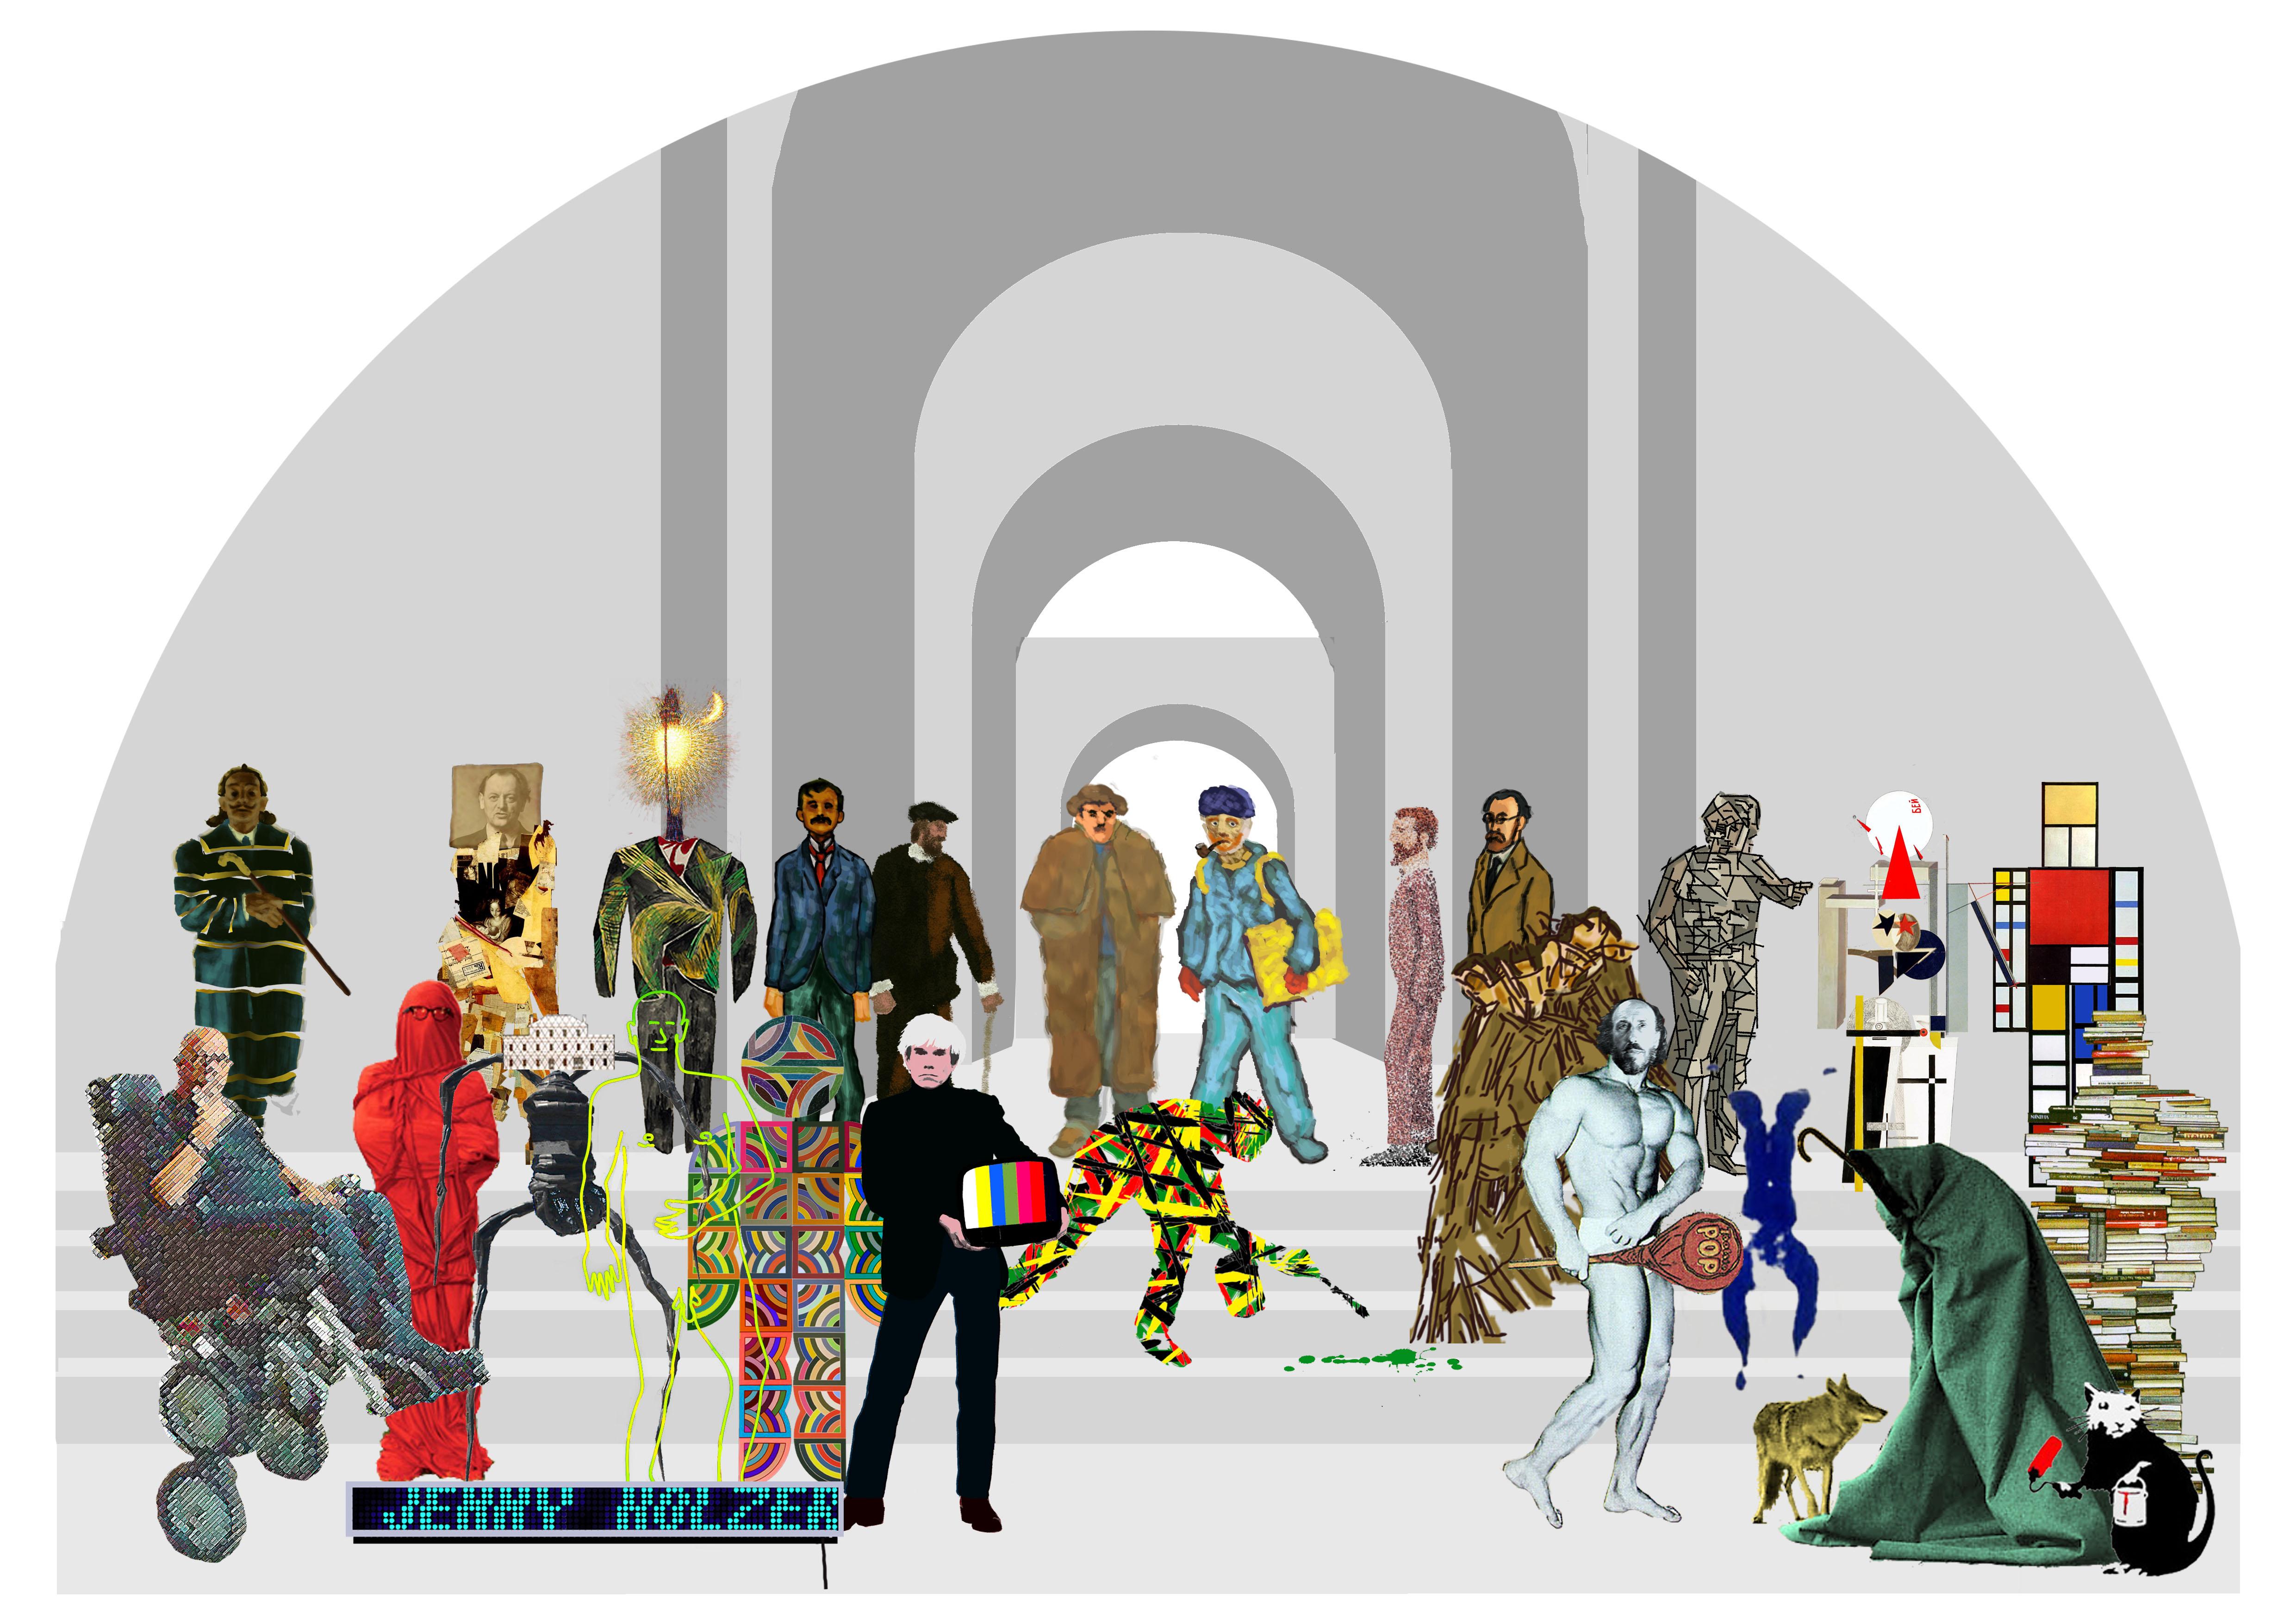 Ilustración digital y fotomontaje, 2010